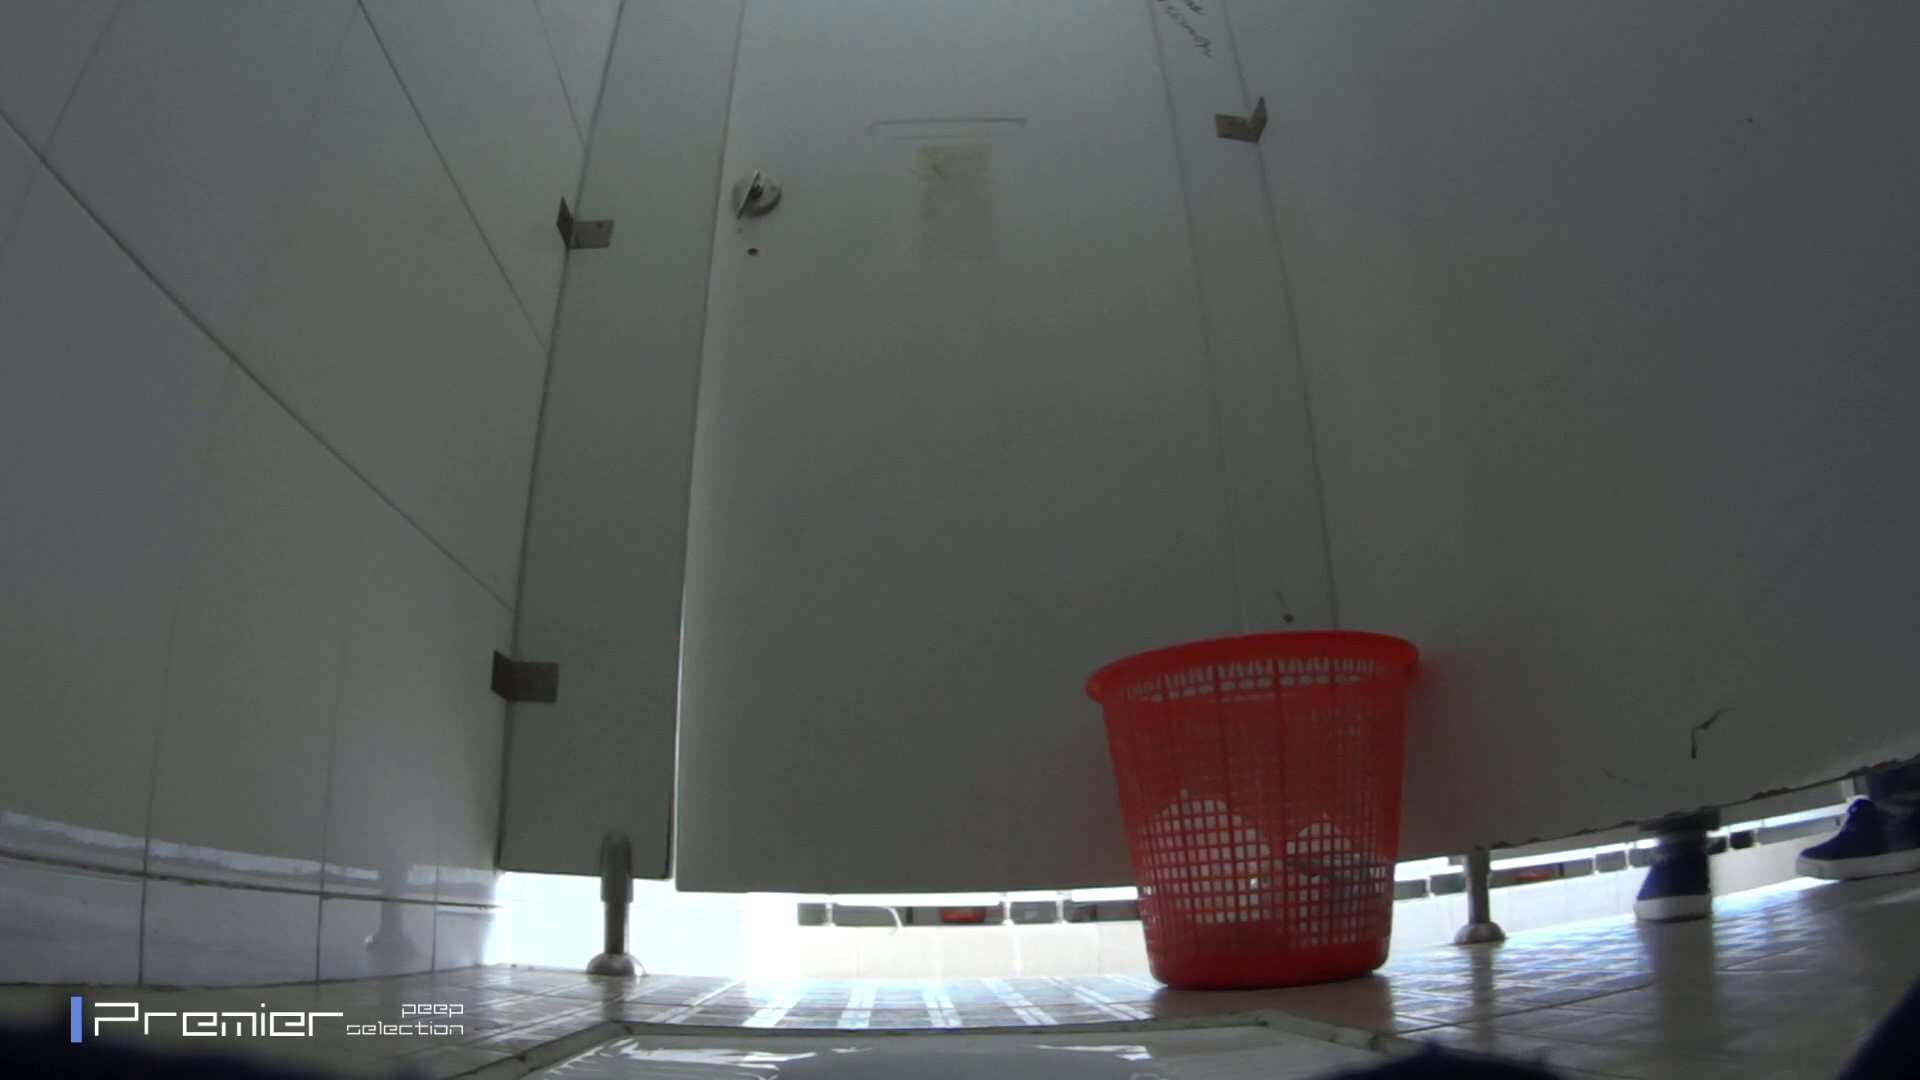 アジアンビューティー達の聖水 大学休憩時間の洗面所事情24 盗撮 おまんこ動画流出 67PIX 31